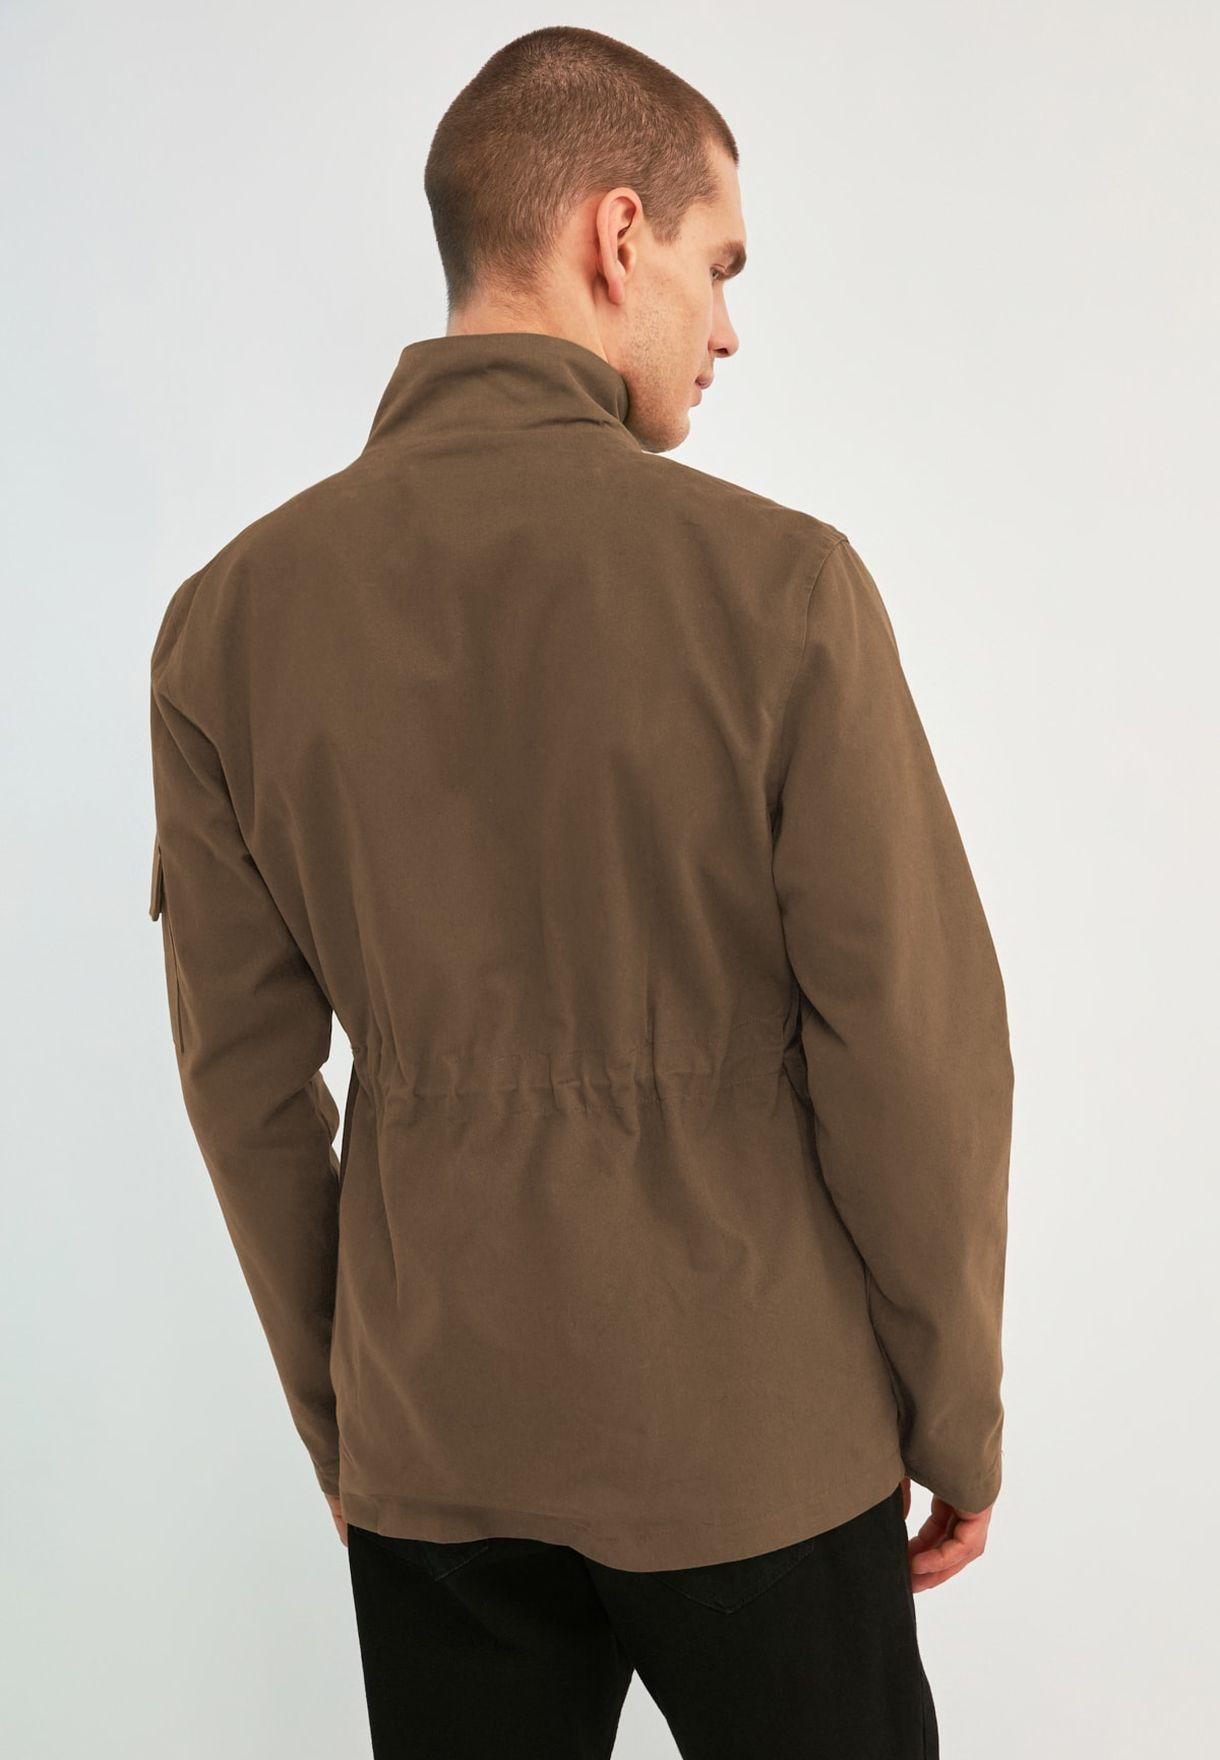 Pocket Detail Oversize Jacket